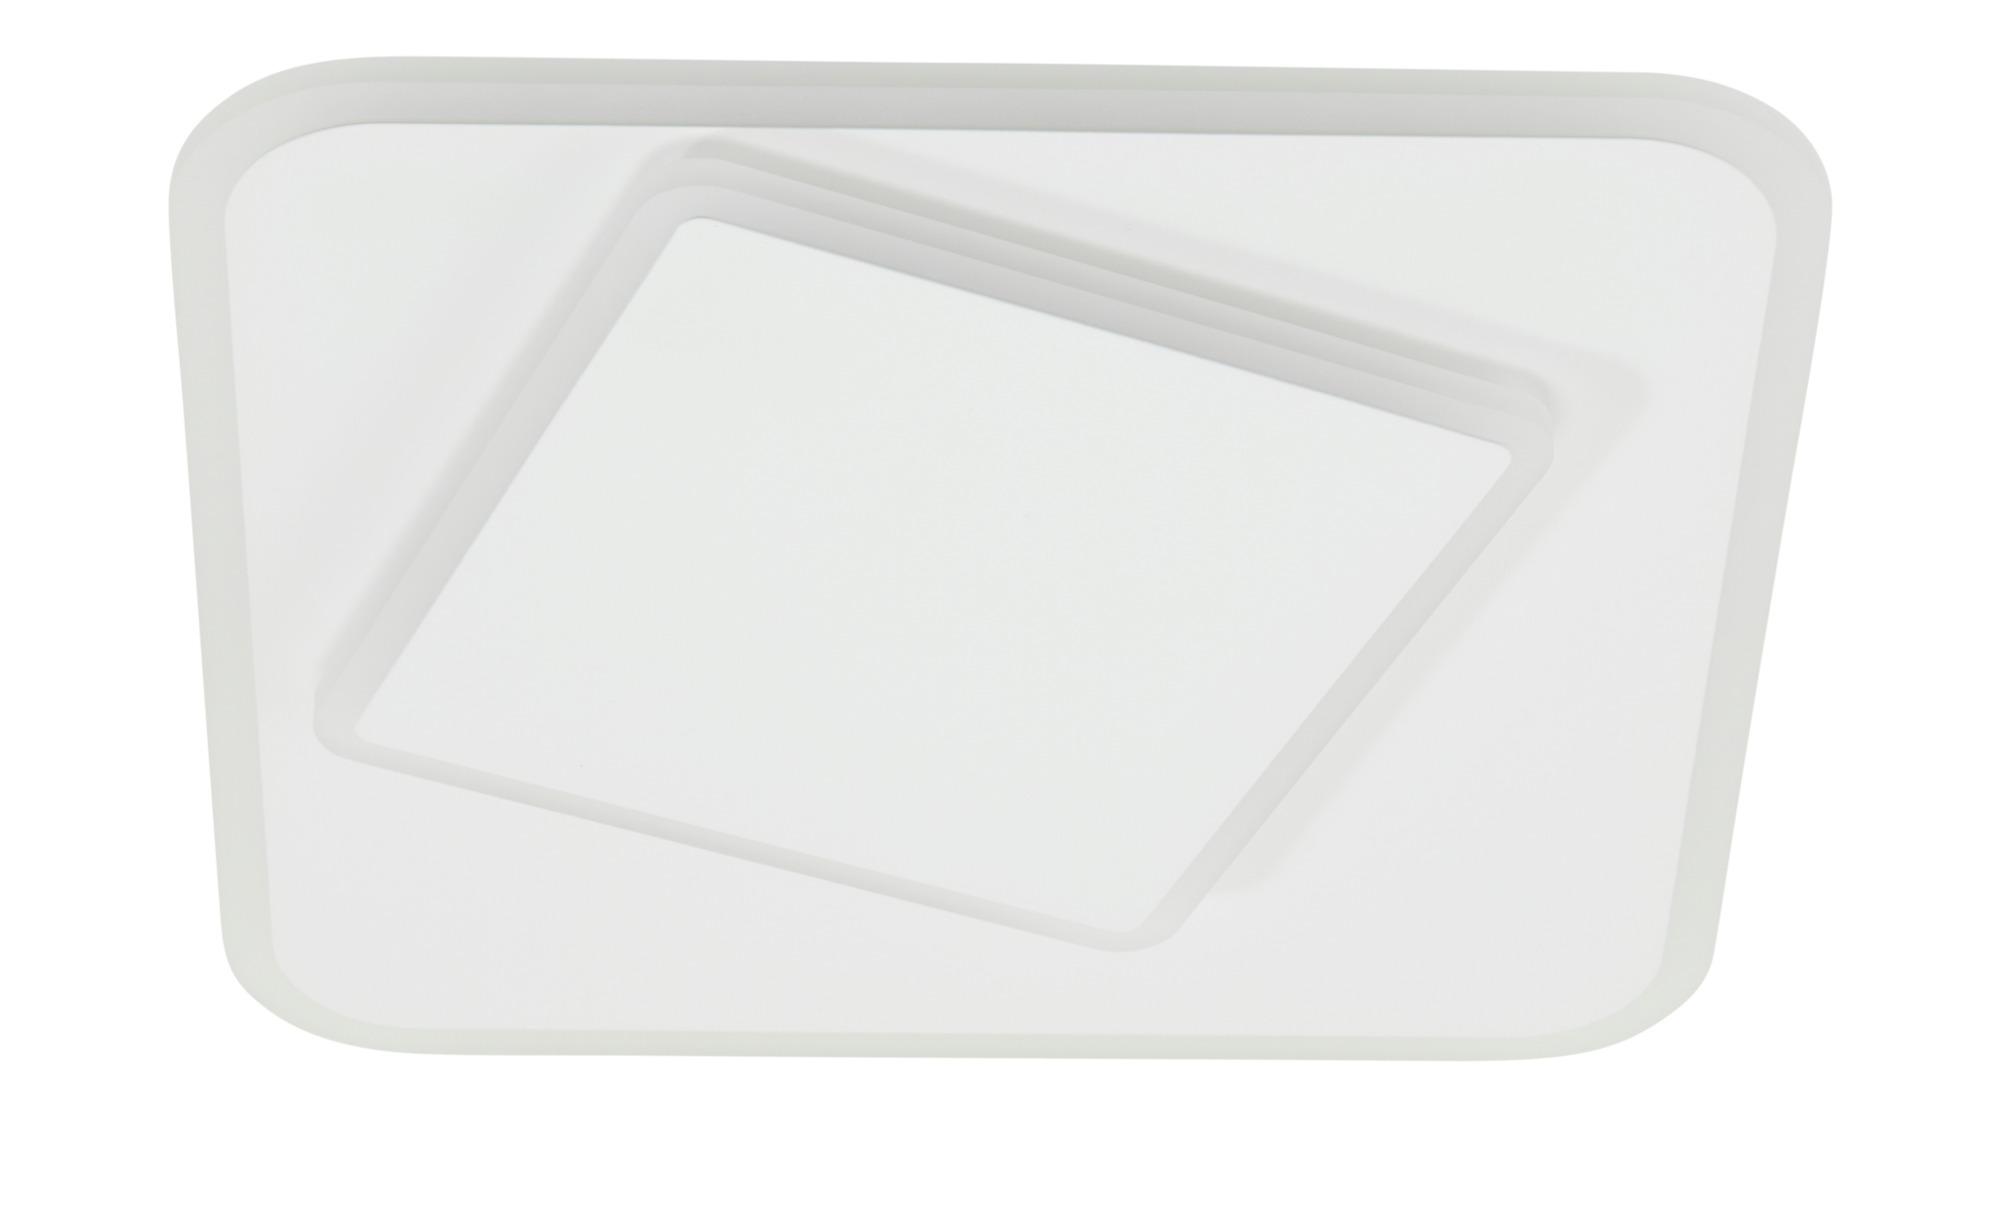 KHG LED-Deckenleuchte, weiß `Vierecke` ¦ weiß ¦ Maße (cm): B: 38 H: 5,5 Lampen & Leuchten > Innenleuchten > Deckenleuchten - Höffner